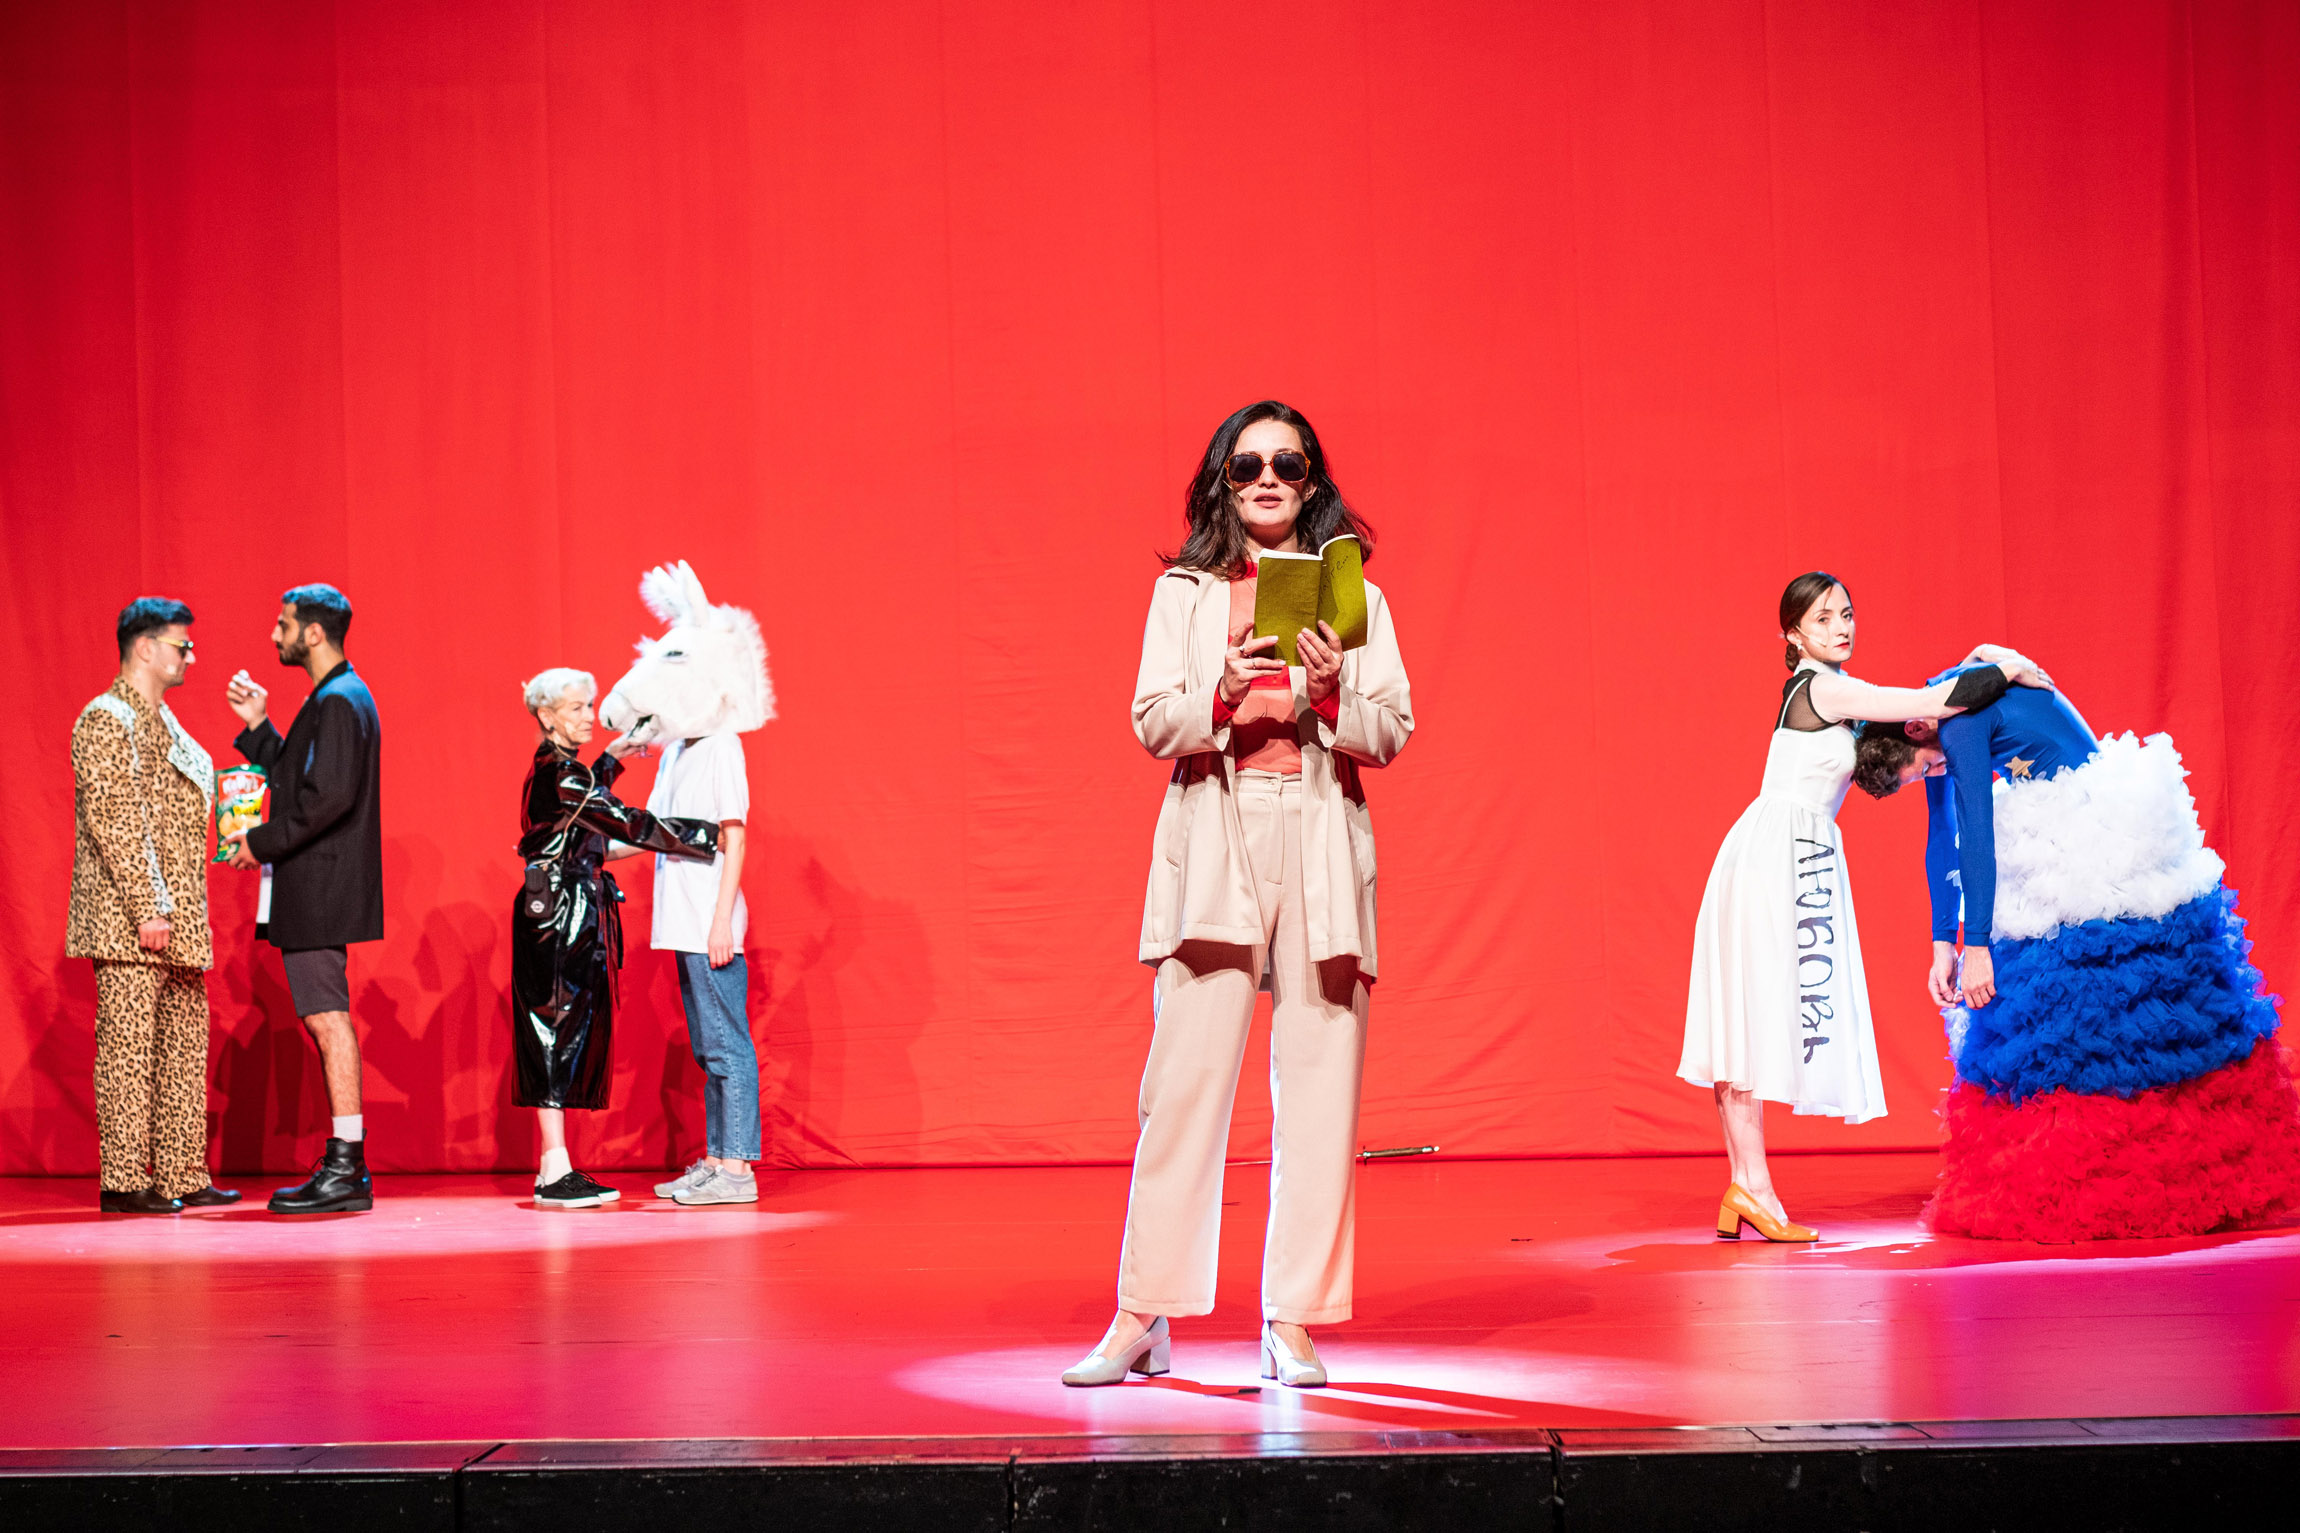 Keti Chukhrov / Guram Matskhonashvili, Global Congress of Post-Prostitution, 2019. Performance, Orpheum Graz. Photo by Mathias Völzke